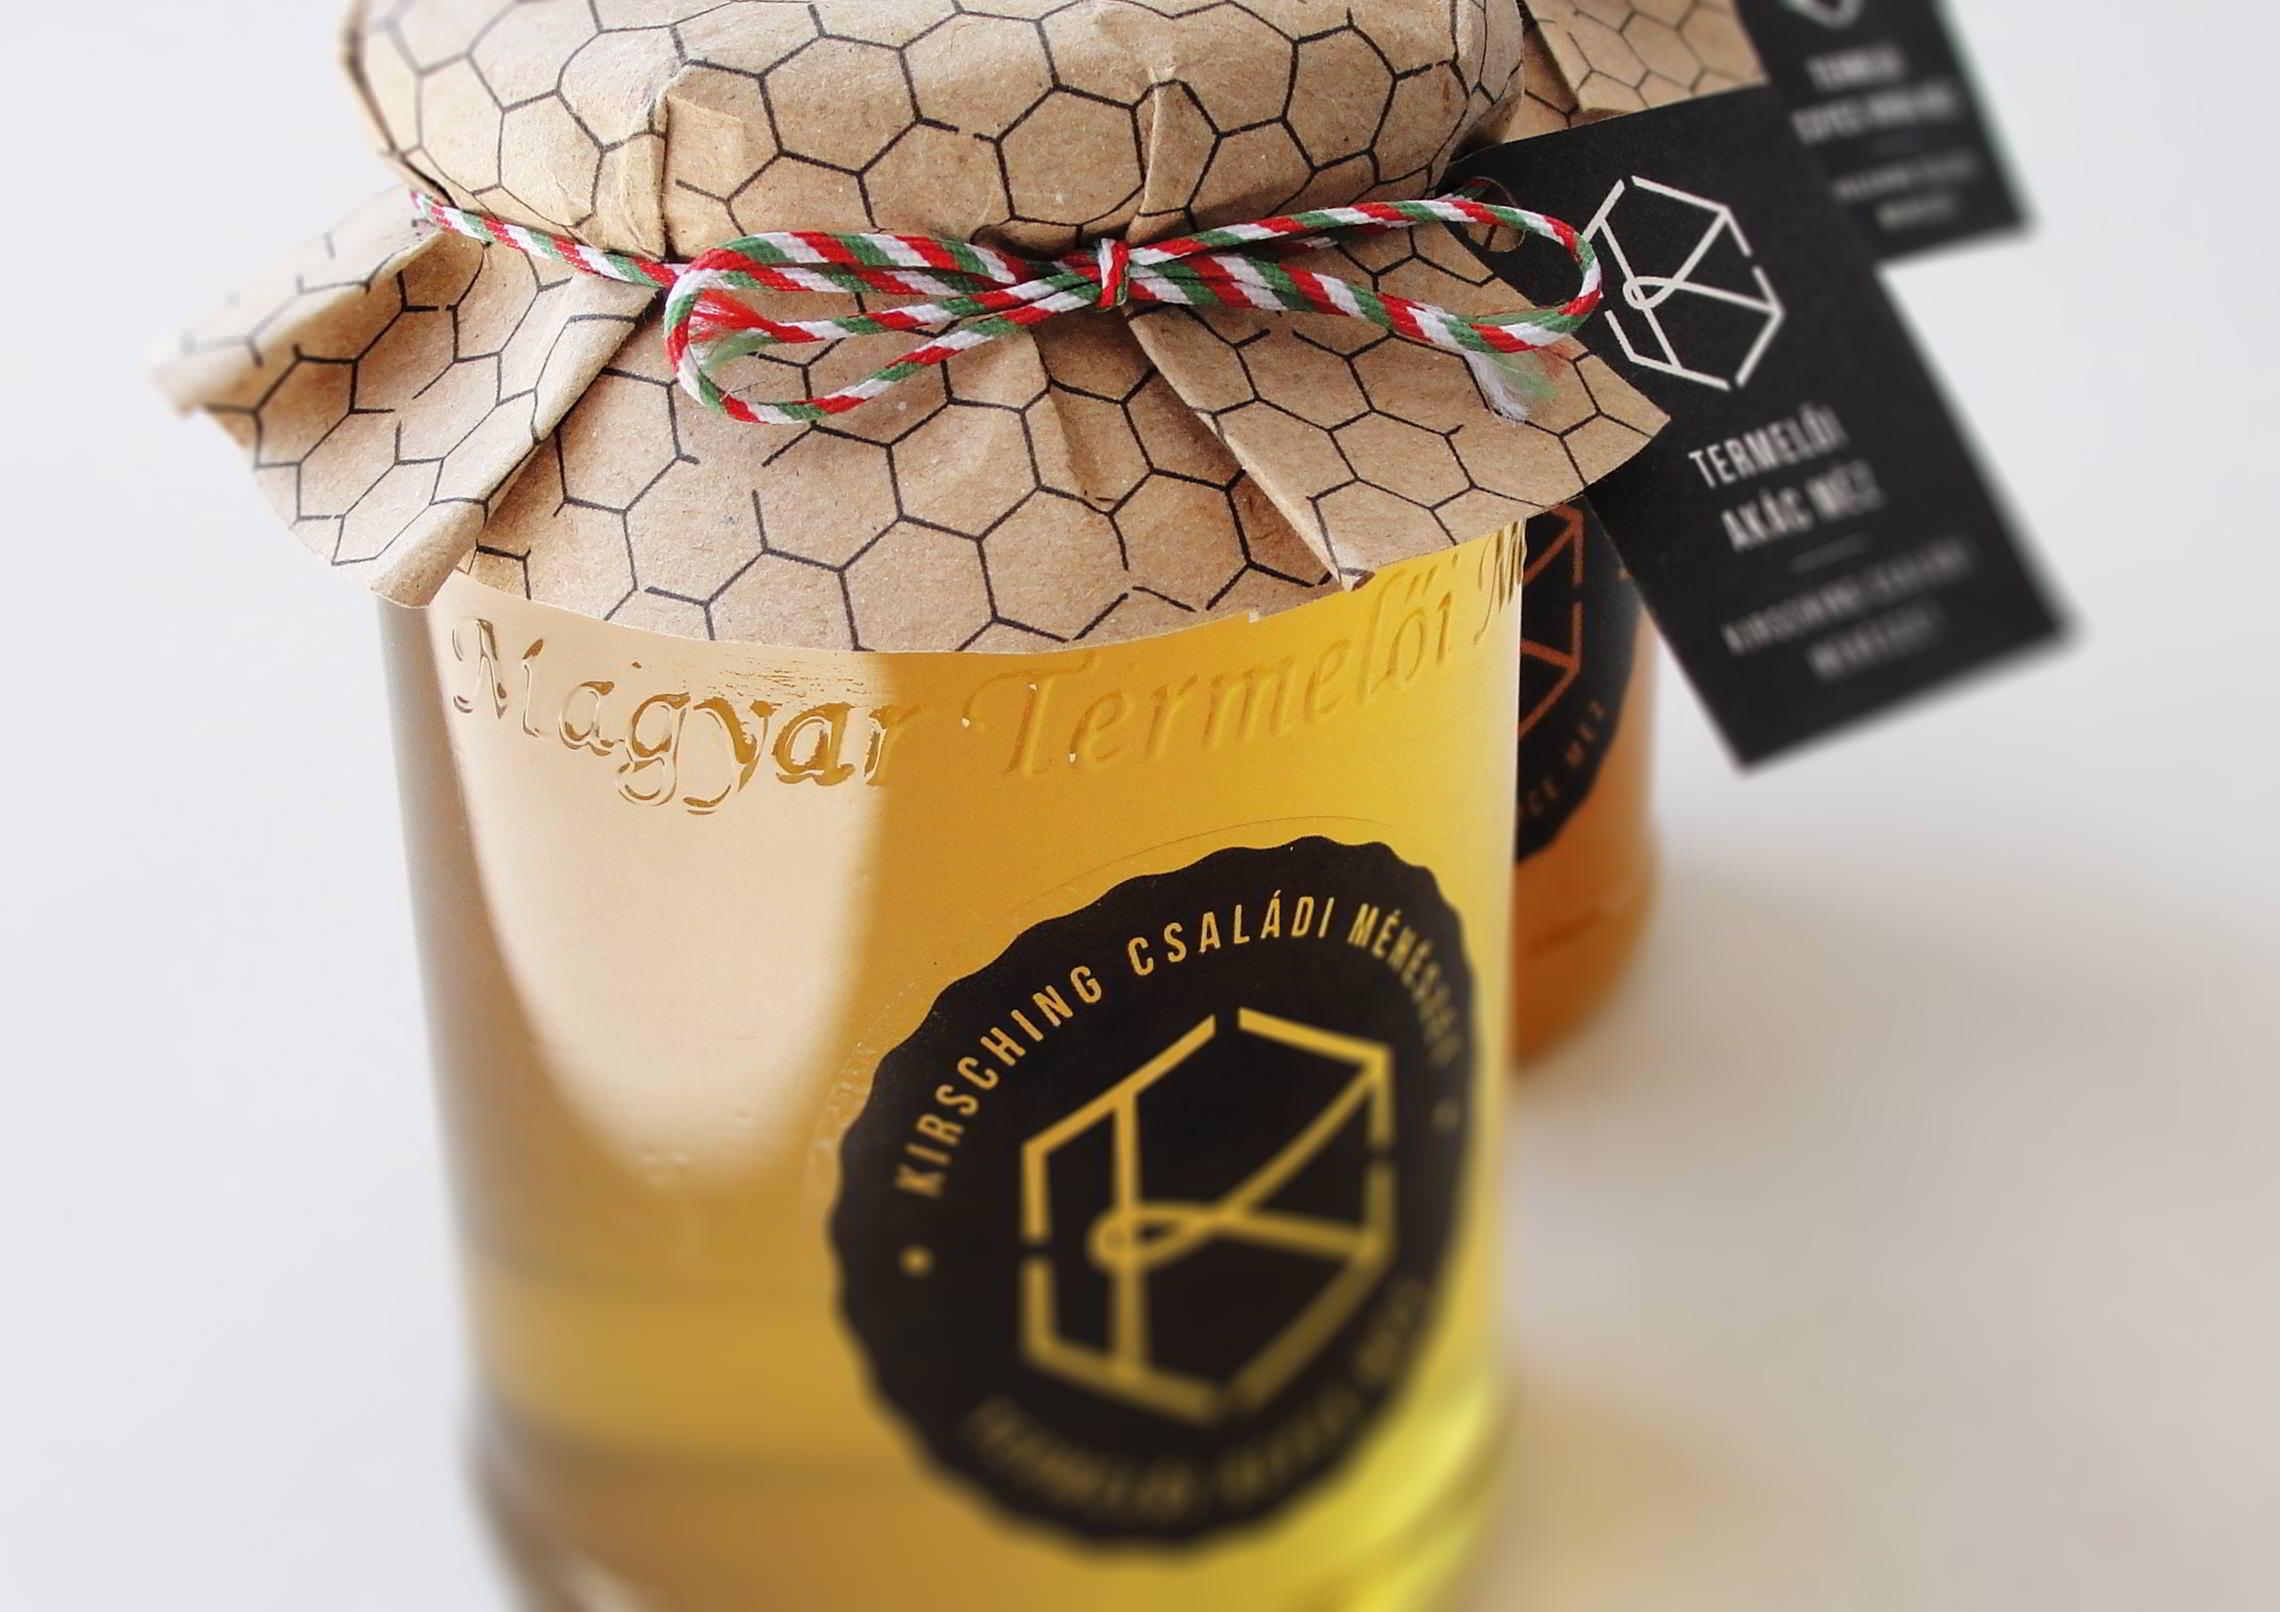 Csomagolástervezés - Kirsching Méhészet